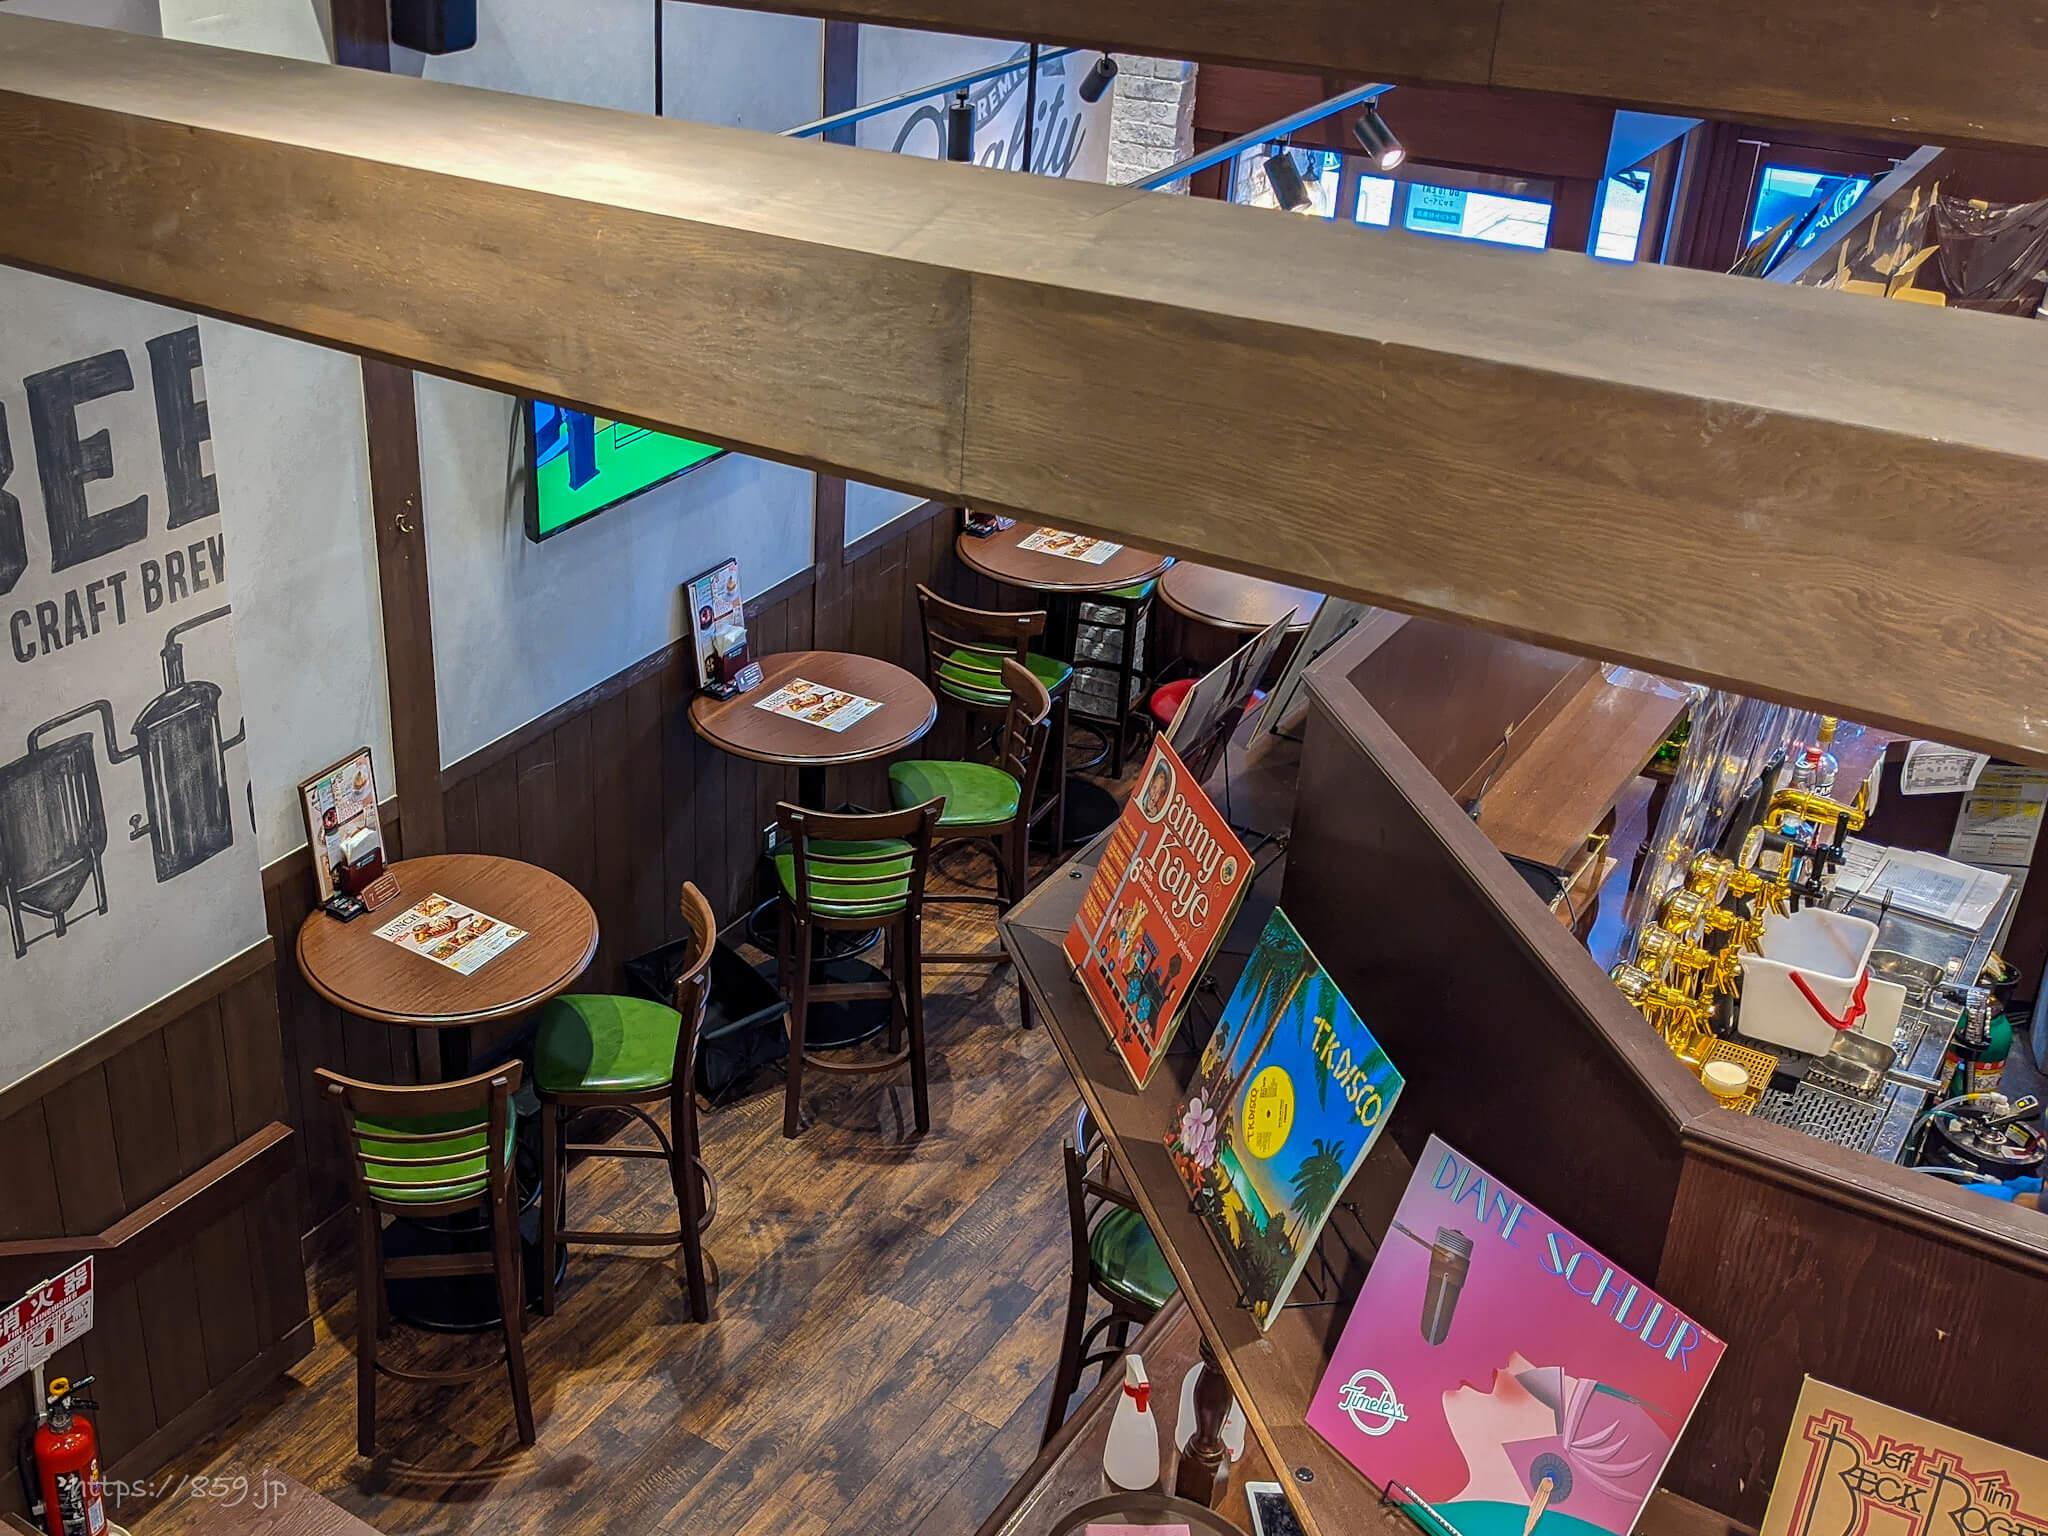 札幌キッチンのランチでクラフトビール飲み比べ旧アイリッシュパブケル2階から1階を見下ろす